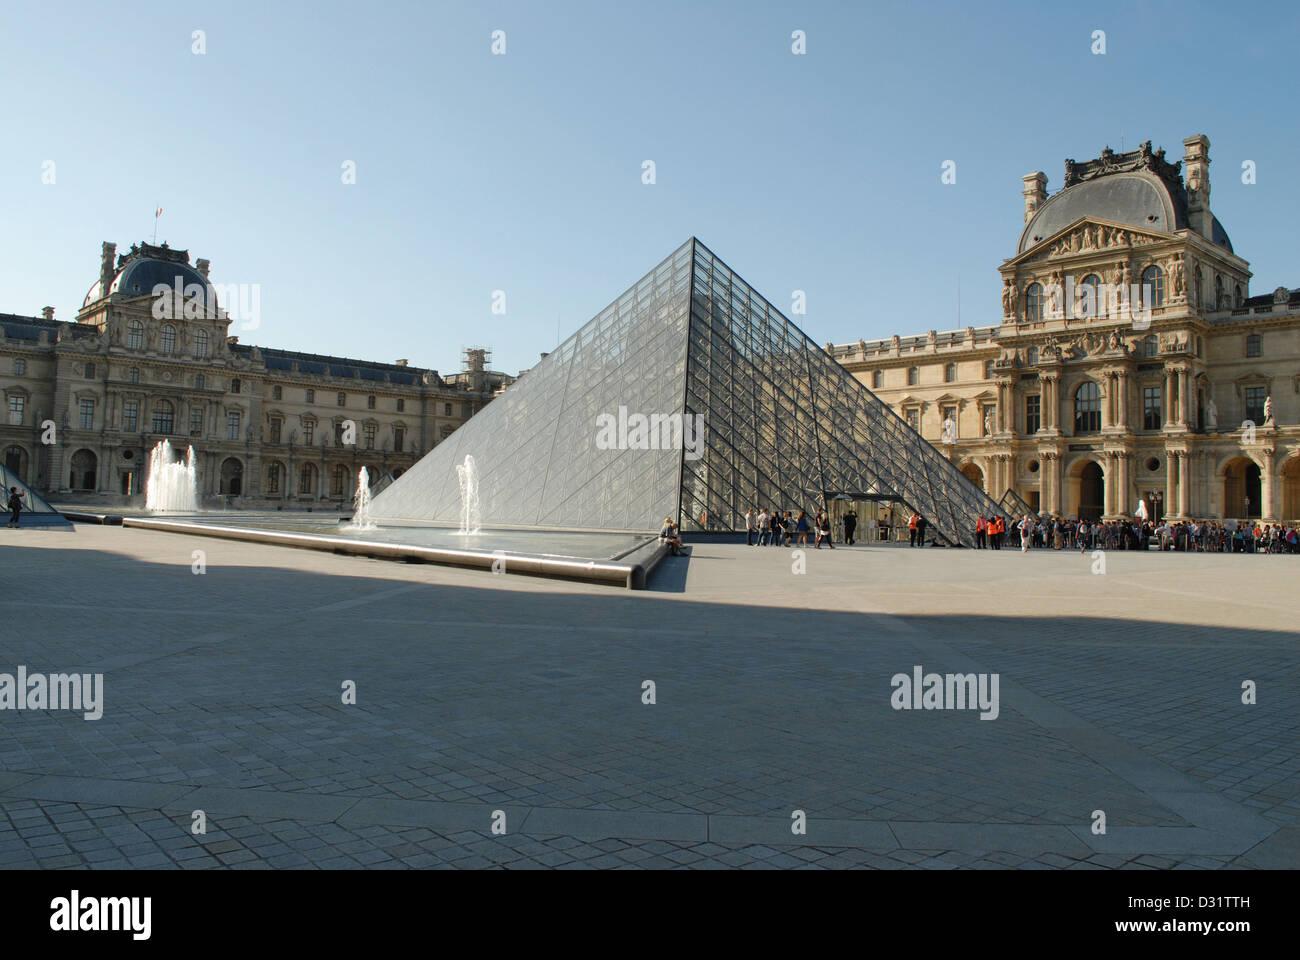 La pirámide de cristal encima del Museo del Louvre, París, Francia. Foto de stock